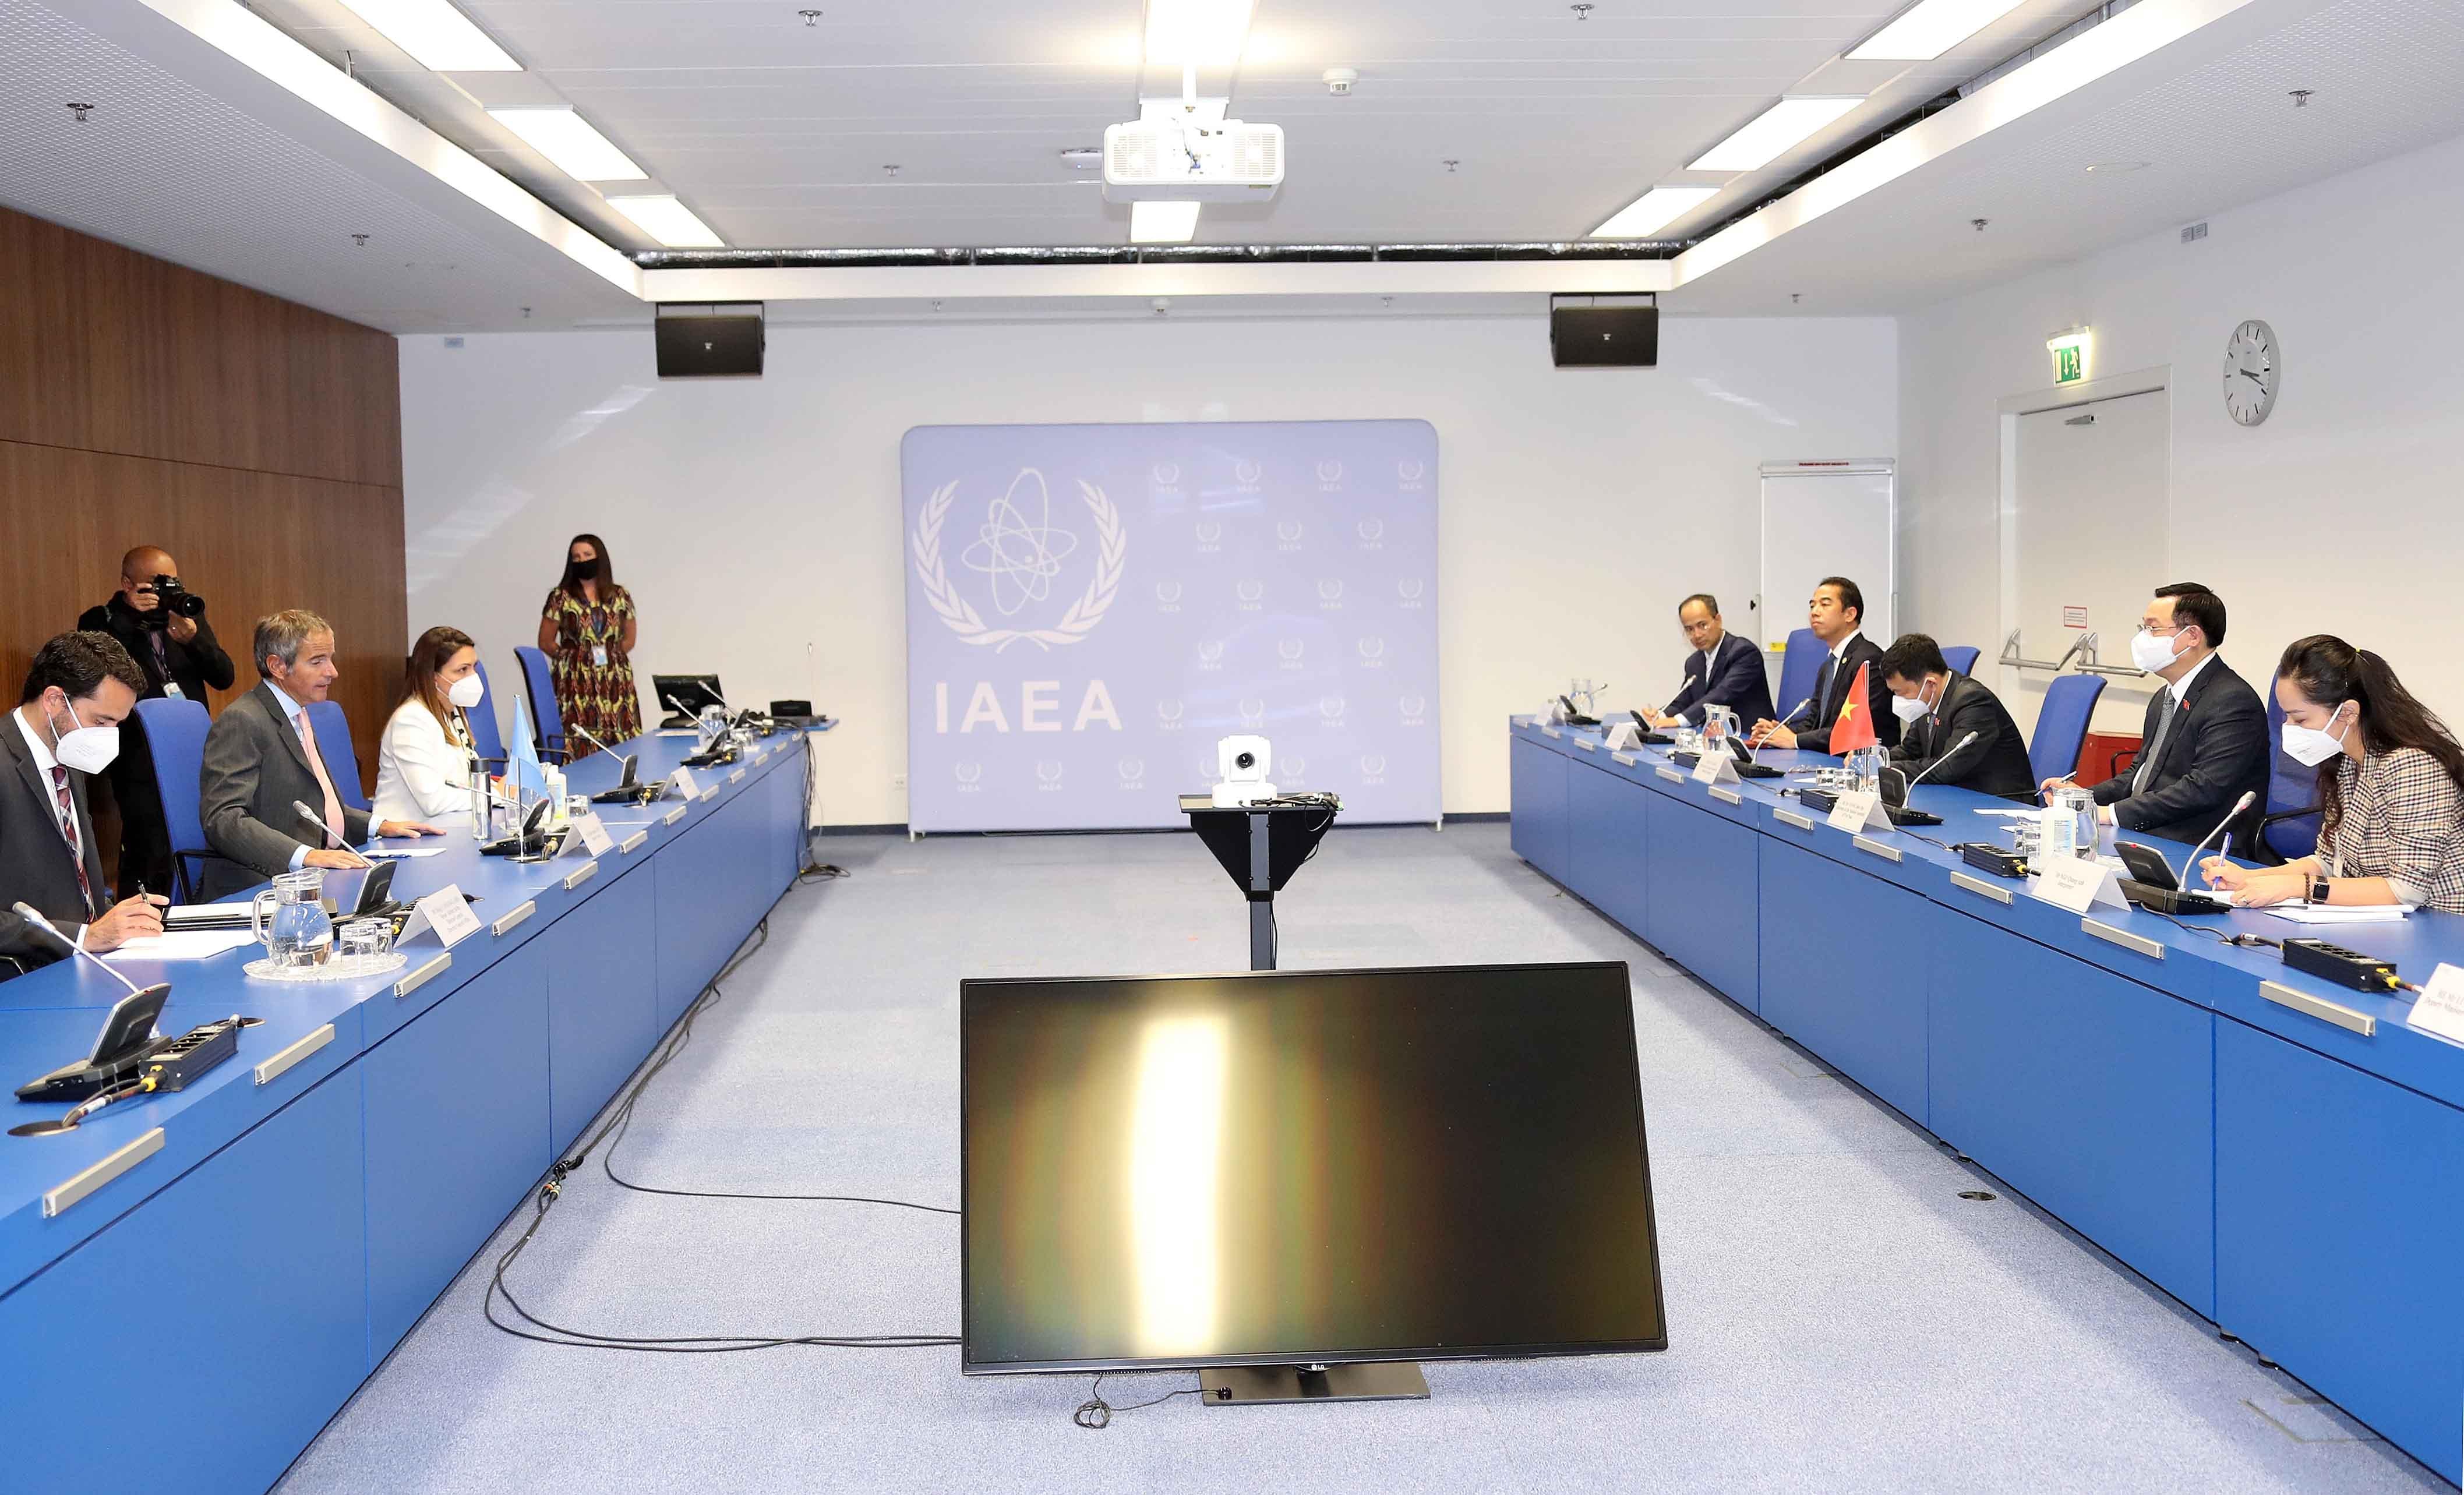 Chủ tịch Quốc hội Vương Đình Huệ tiếp Tổng Giám đốc cơ quan Năng lượng nguyên tử Quốc tế (IAEA)